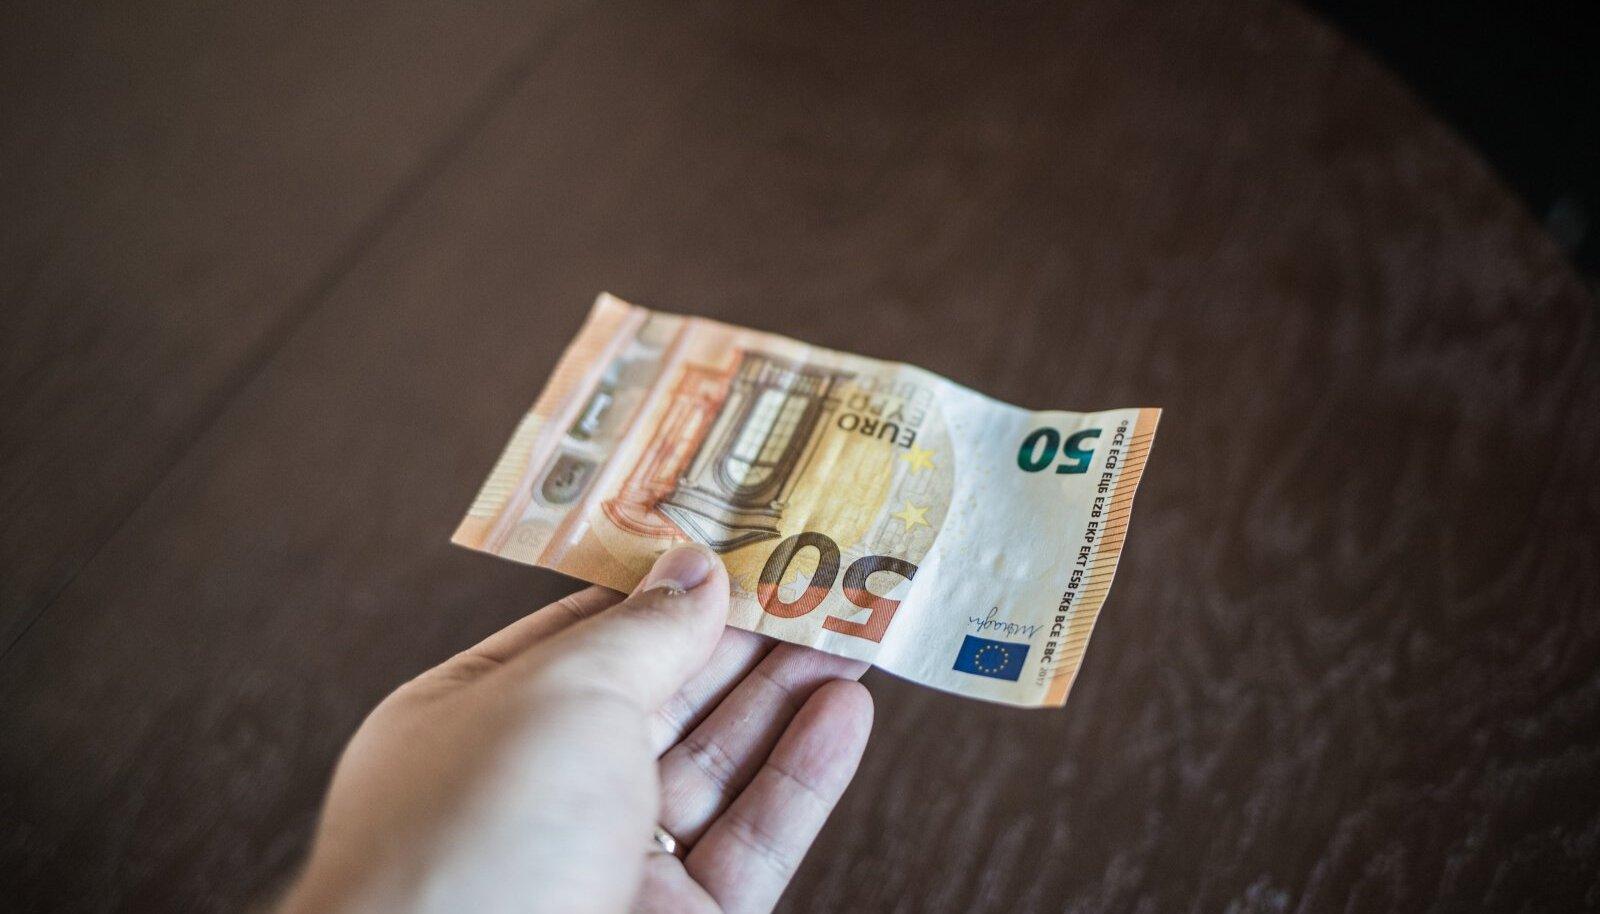 Raha paneb riigi rattad käima!